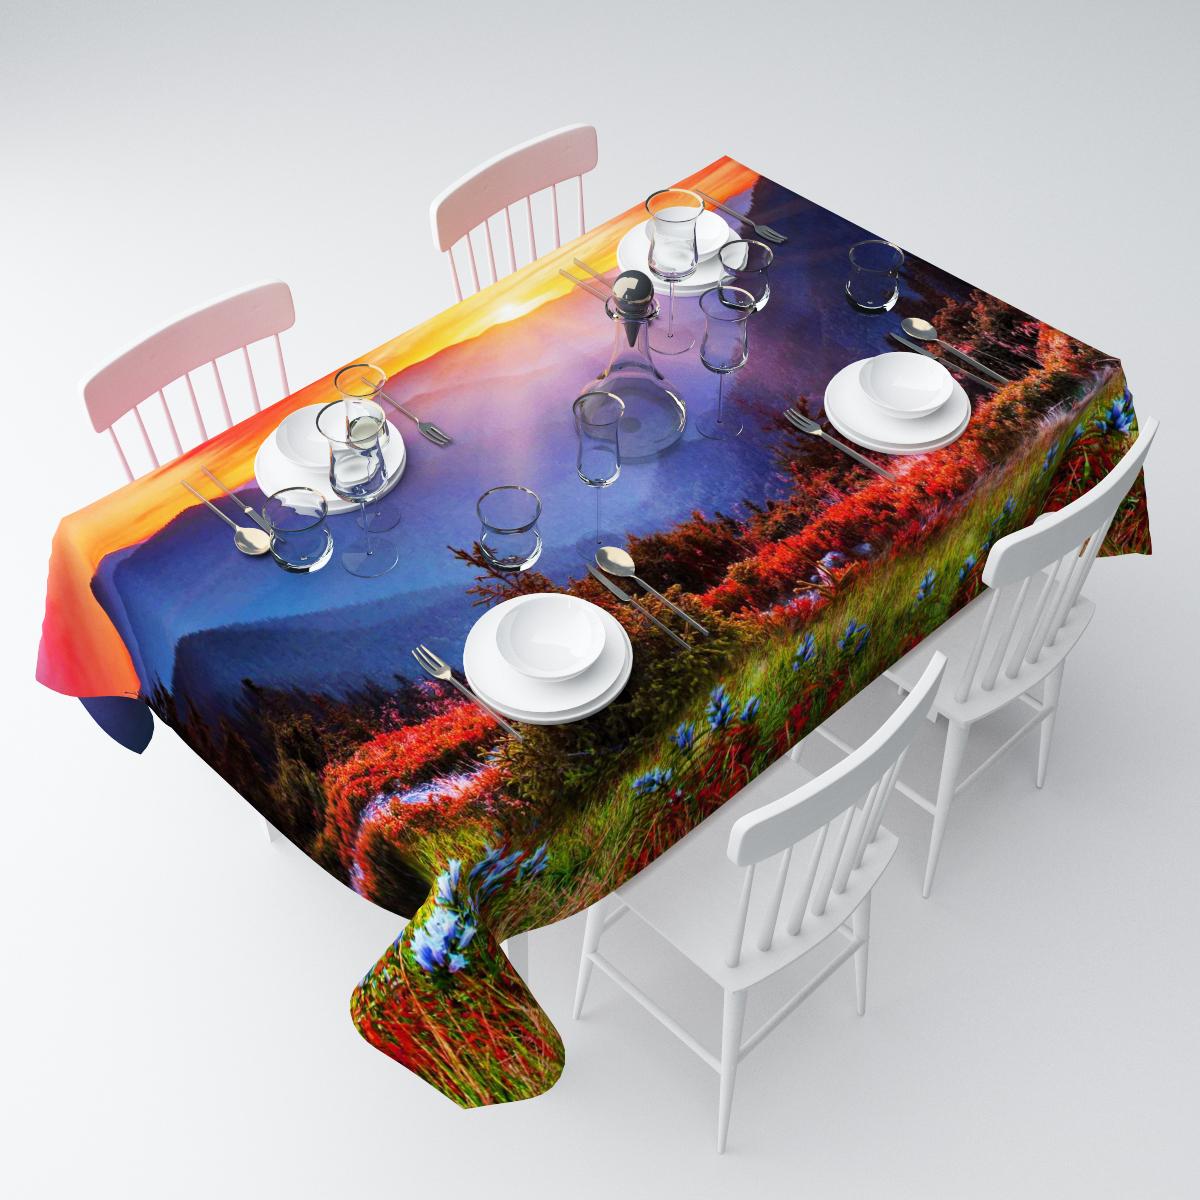 Скатерть Сирень Восход в горах, прямоугольная, 145 х 220 смСКГБ004-04560Прямоугольная скатерть Сирень Восход в горах, выполненная из габардина с ярким рисунком, преобразит вашу кухню, визуально расширит пространство, создаст атмосферу радости и комфорта. Рекомендации по уходу: стирка при 30 градусах, гладить при температуре до 110 градусов.Размер скатерти: 145 х 220 см. Изображение может немного отличаться от реального.